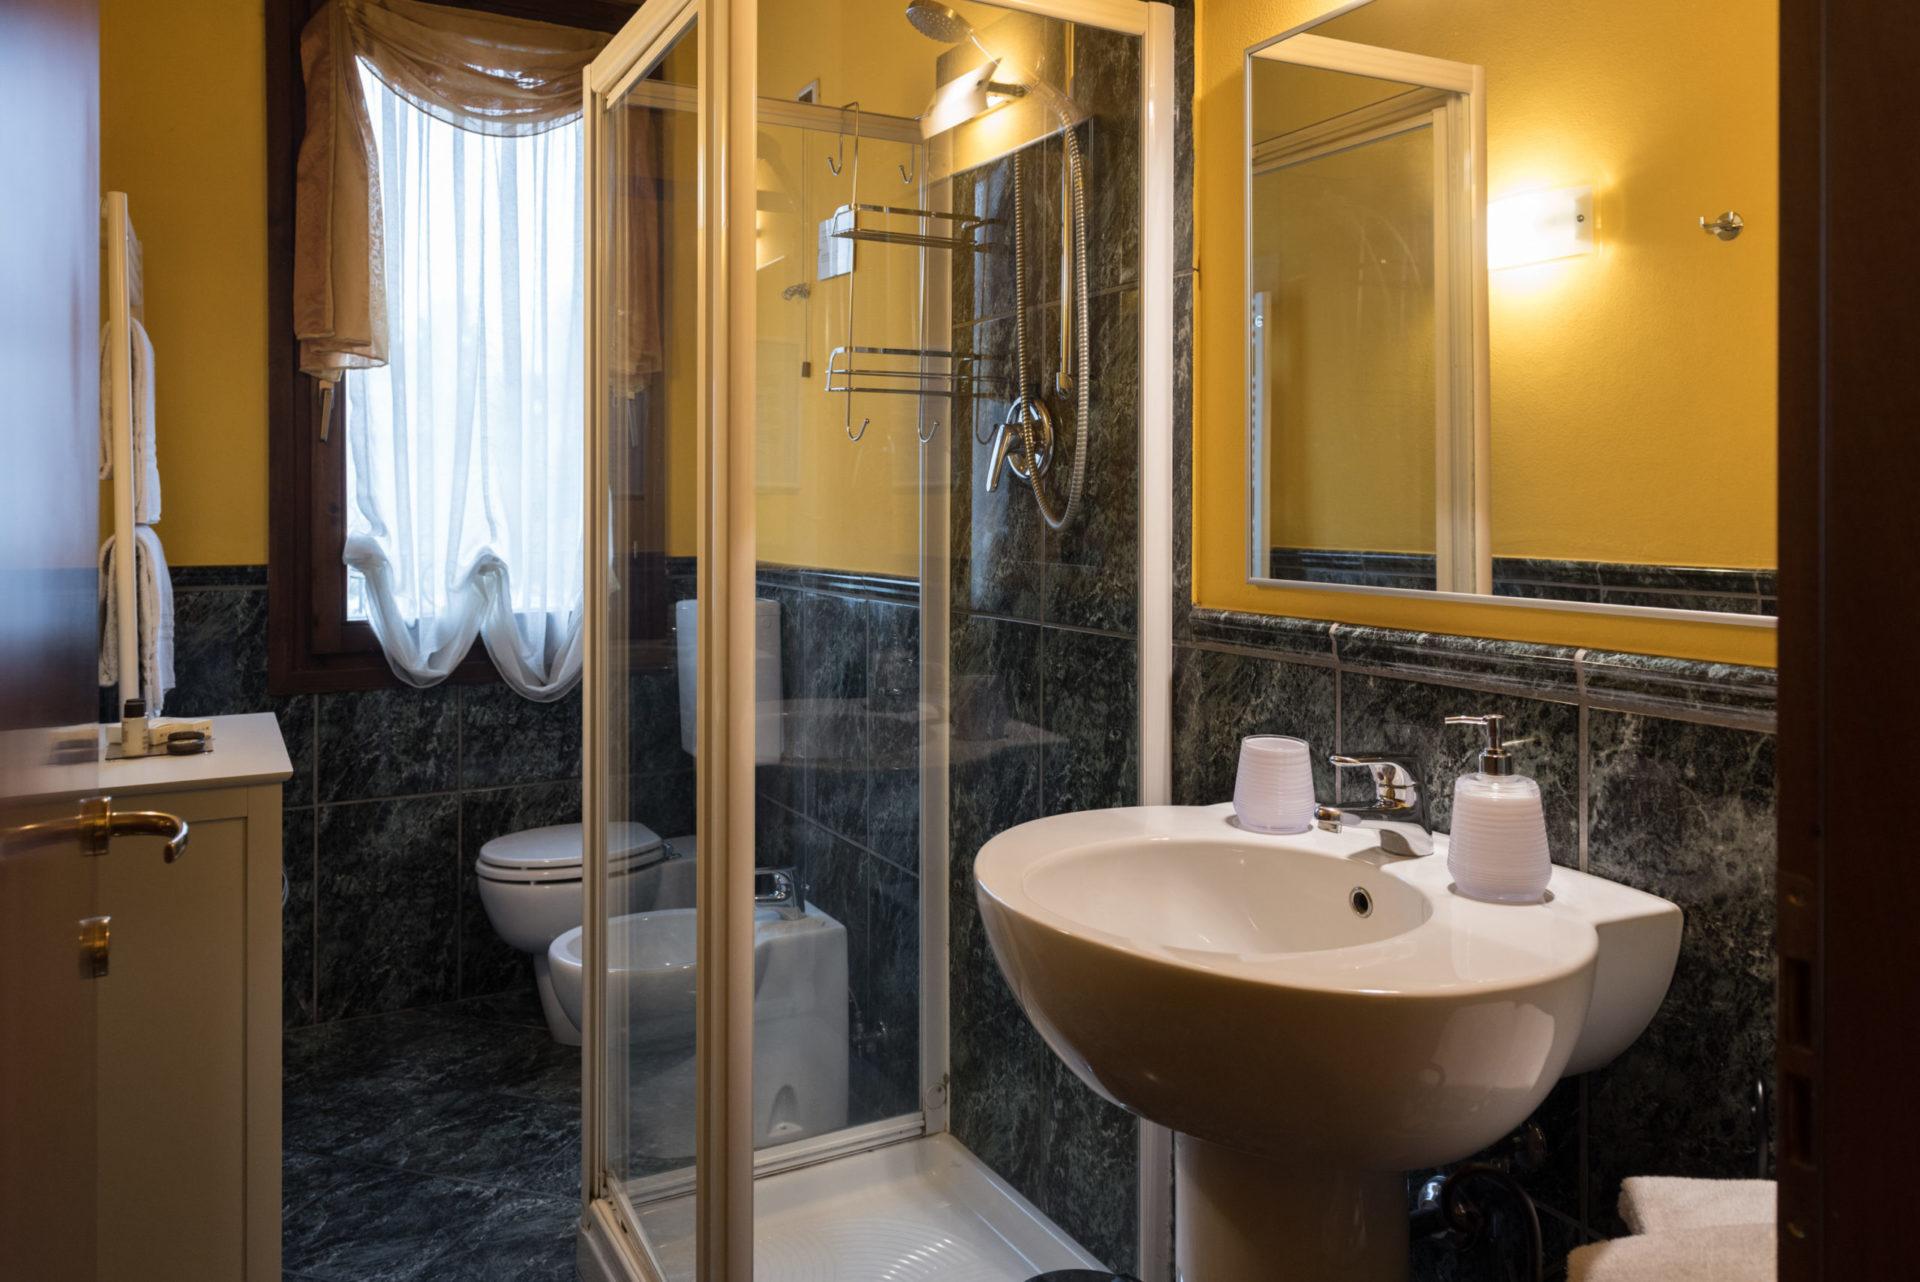 bagno privato con doccia private bathroom with shower